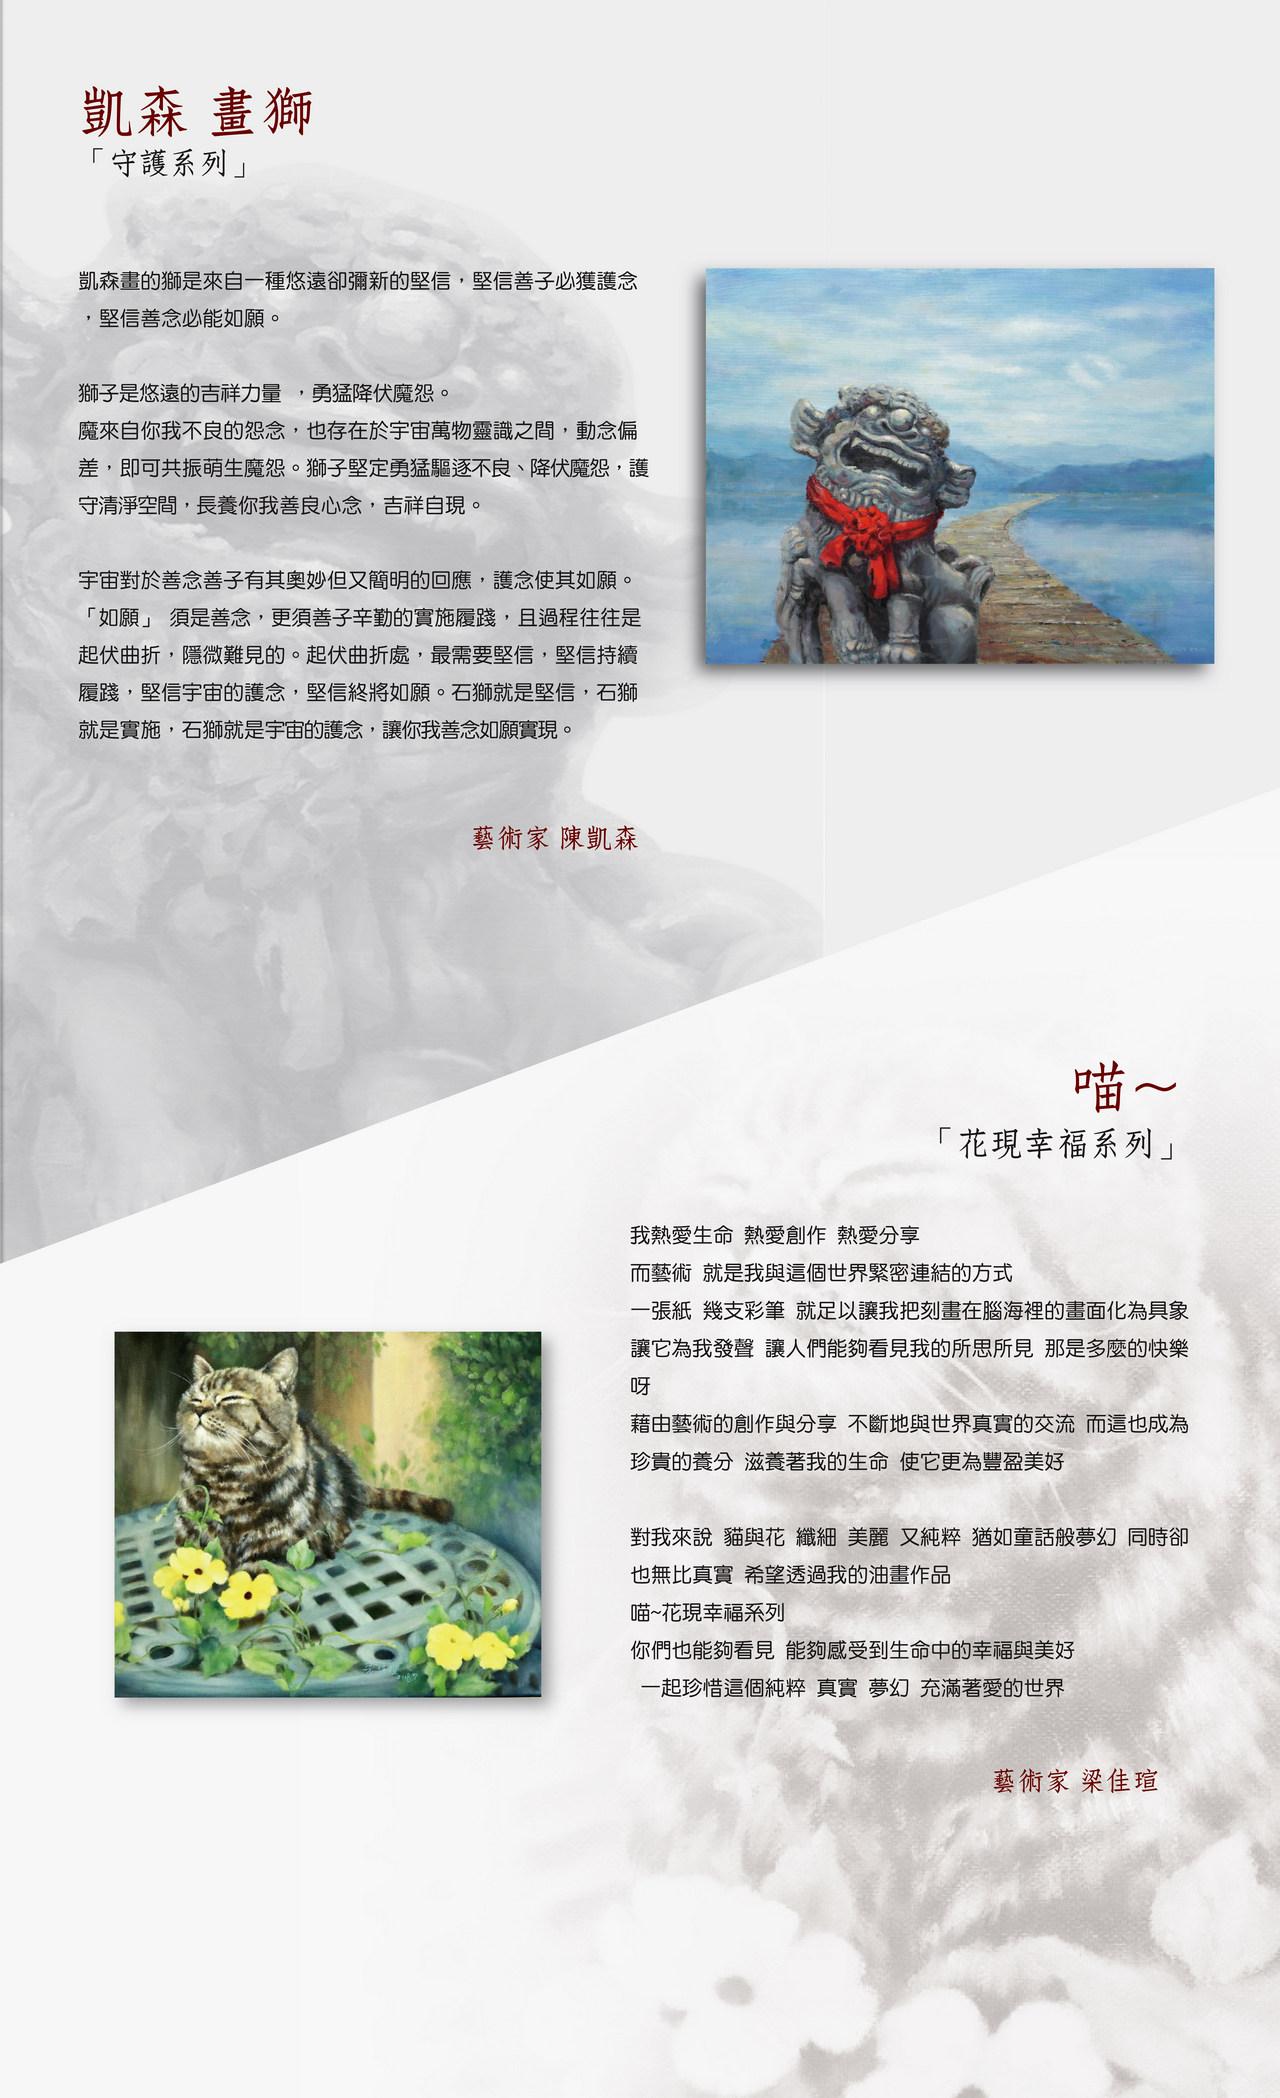 獅子與貓咪的對話 守護與呵護的心靈交織